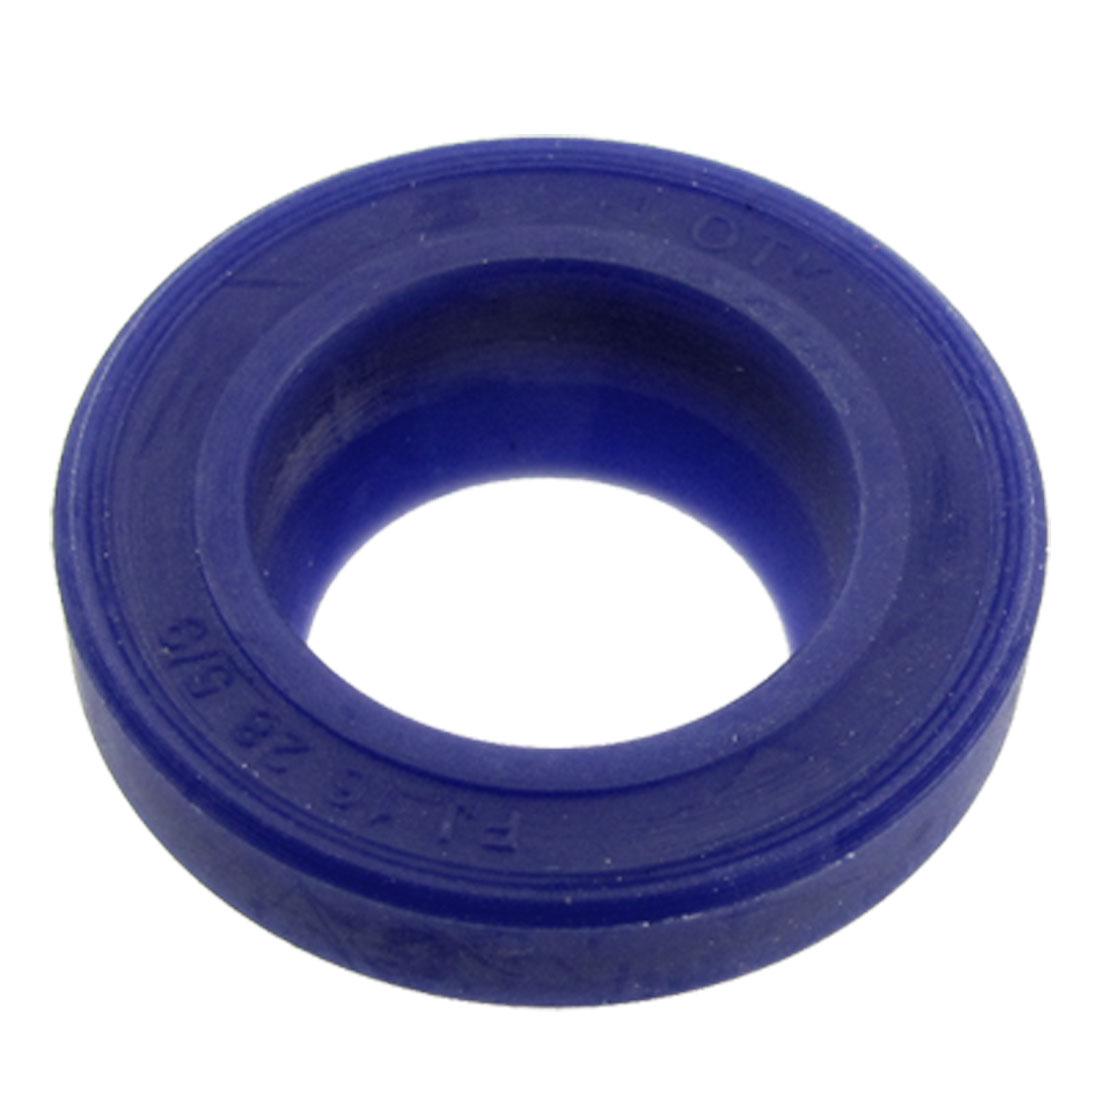 Air Cylinder 16x28x5x9mm Polyurethane PU FJ Type Wiper Shaft Dust Seal